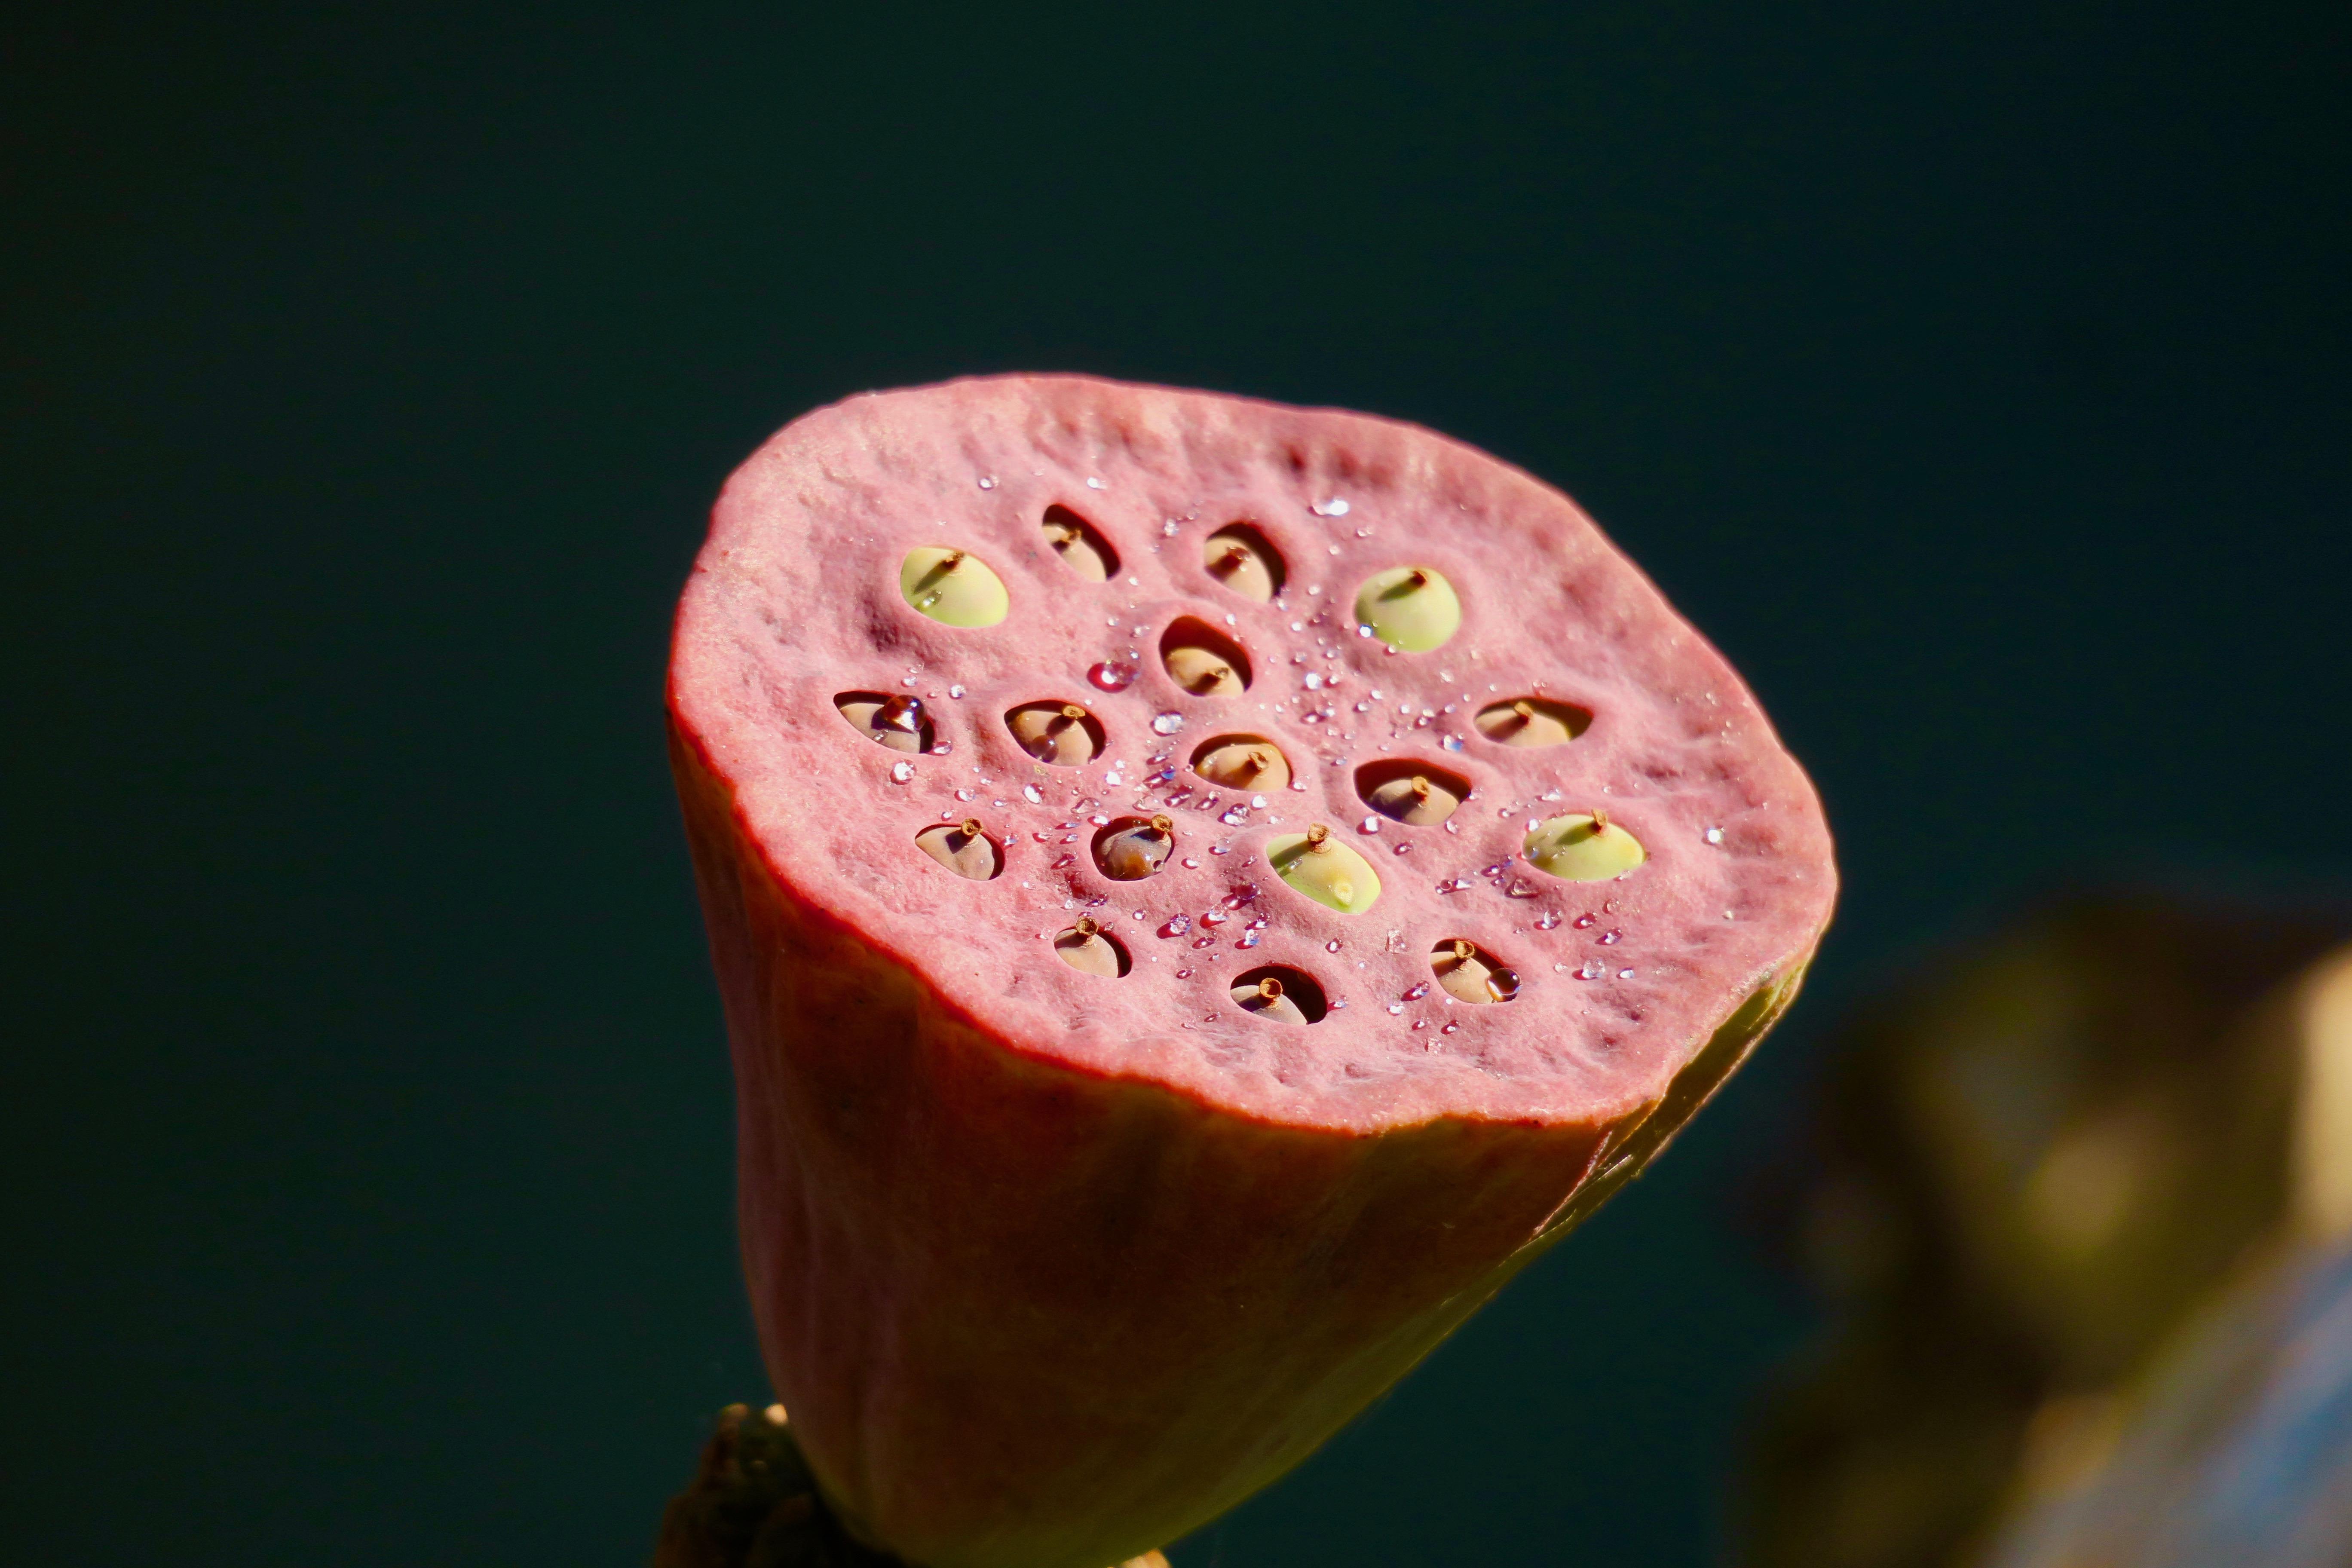 lotus-seed-pod-meijer-garden-10-09-16